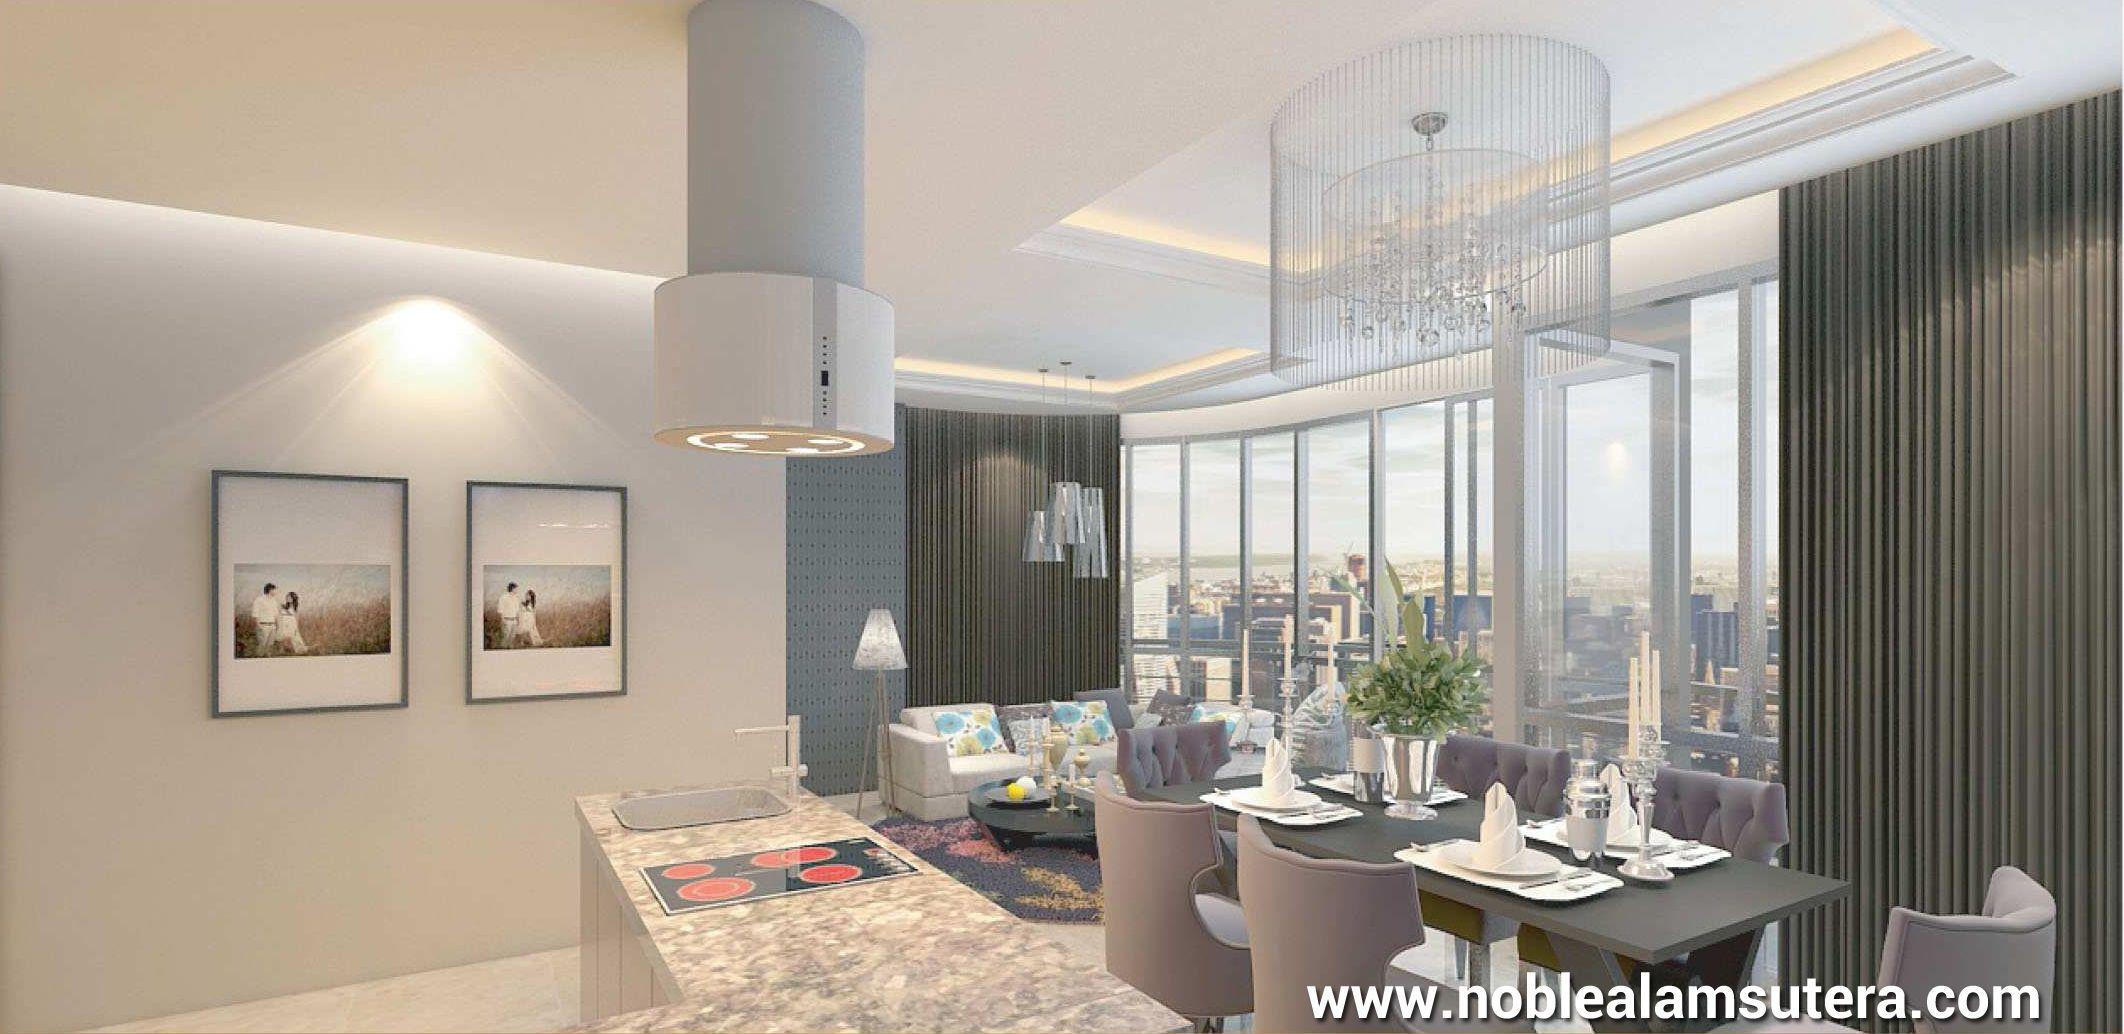 Interior design apartemen - Contoh Interior Design Apartemen The Noble Alam Sutera